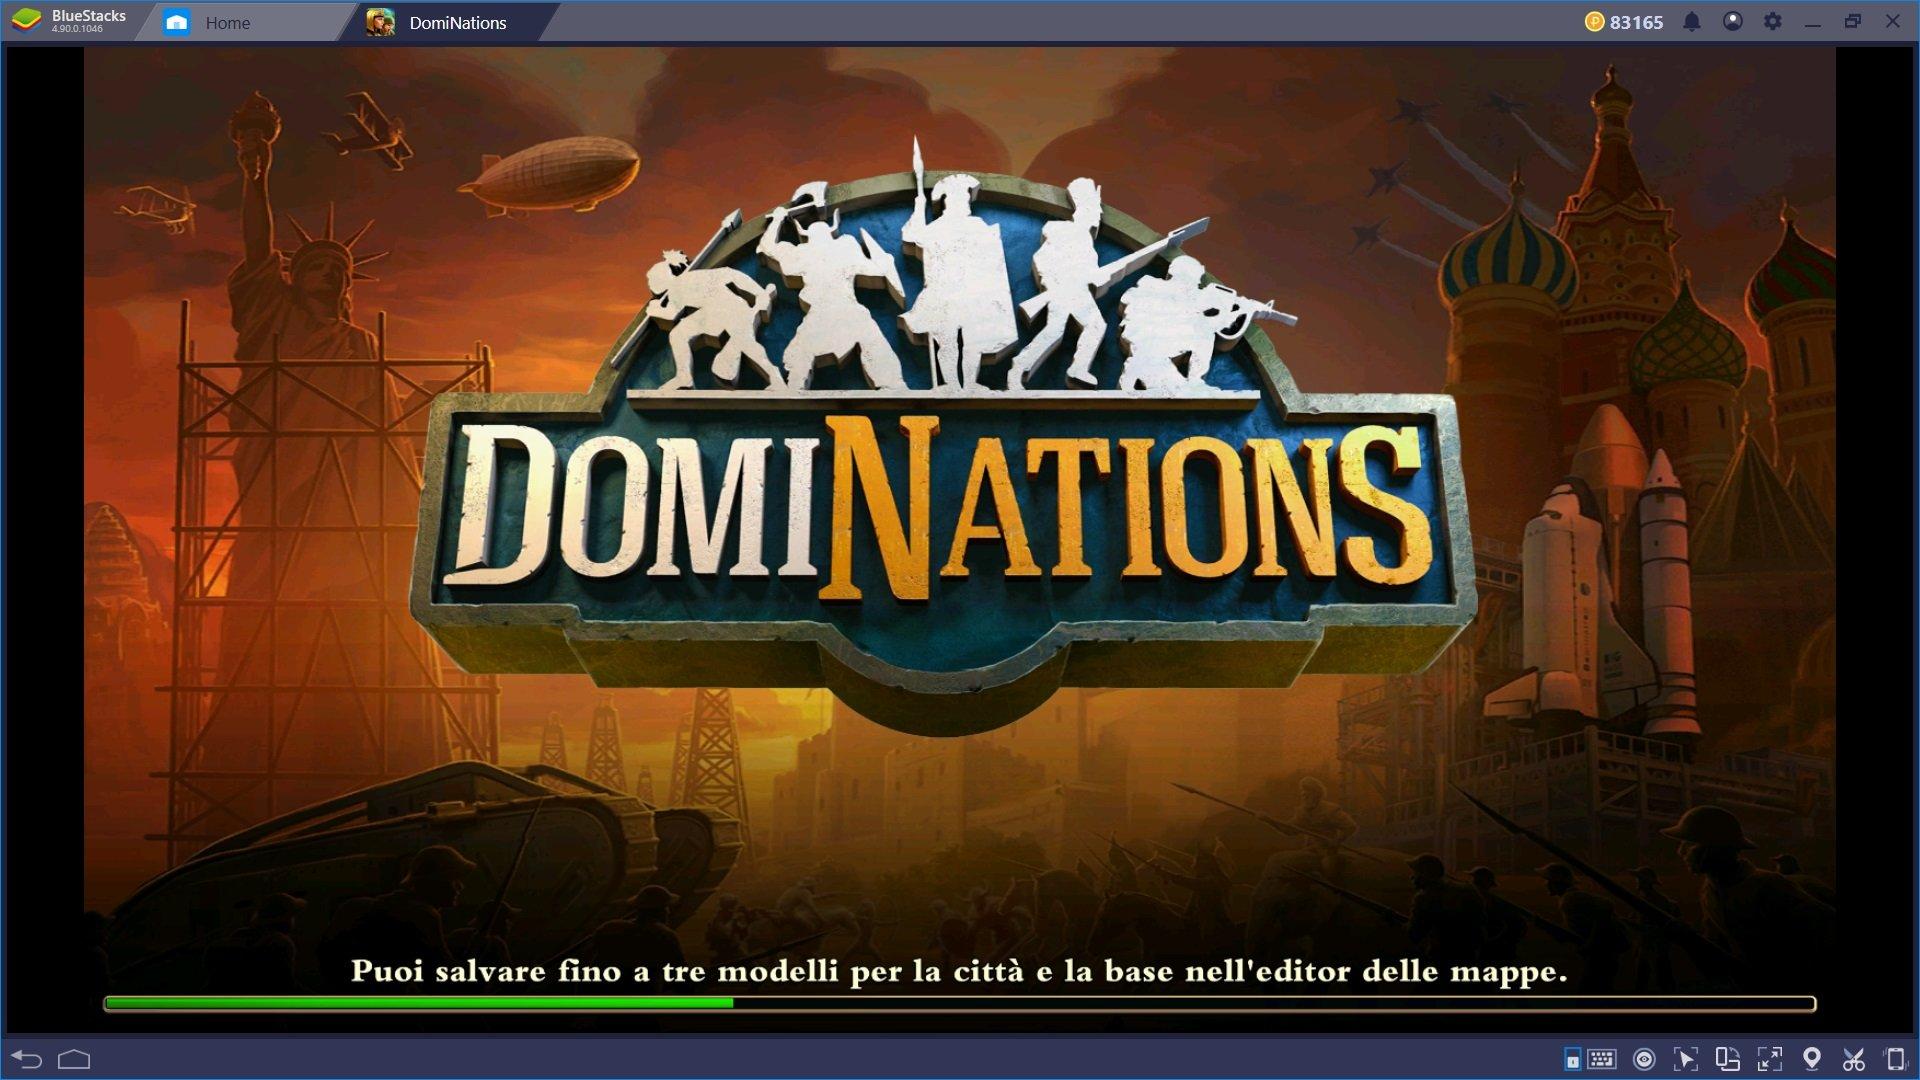 La Guida per i nuovi giocatori di DomiNations